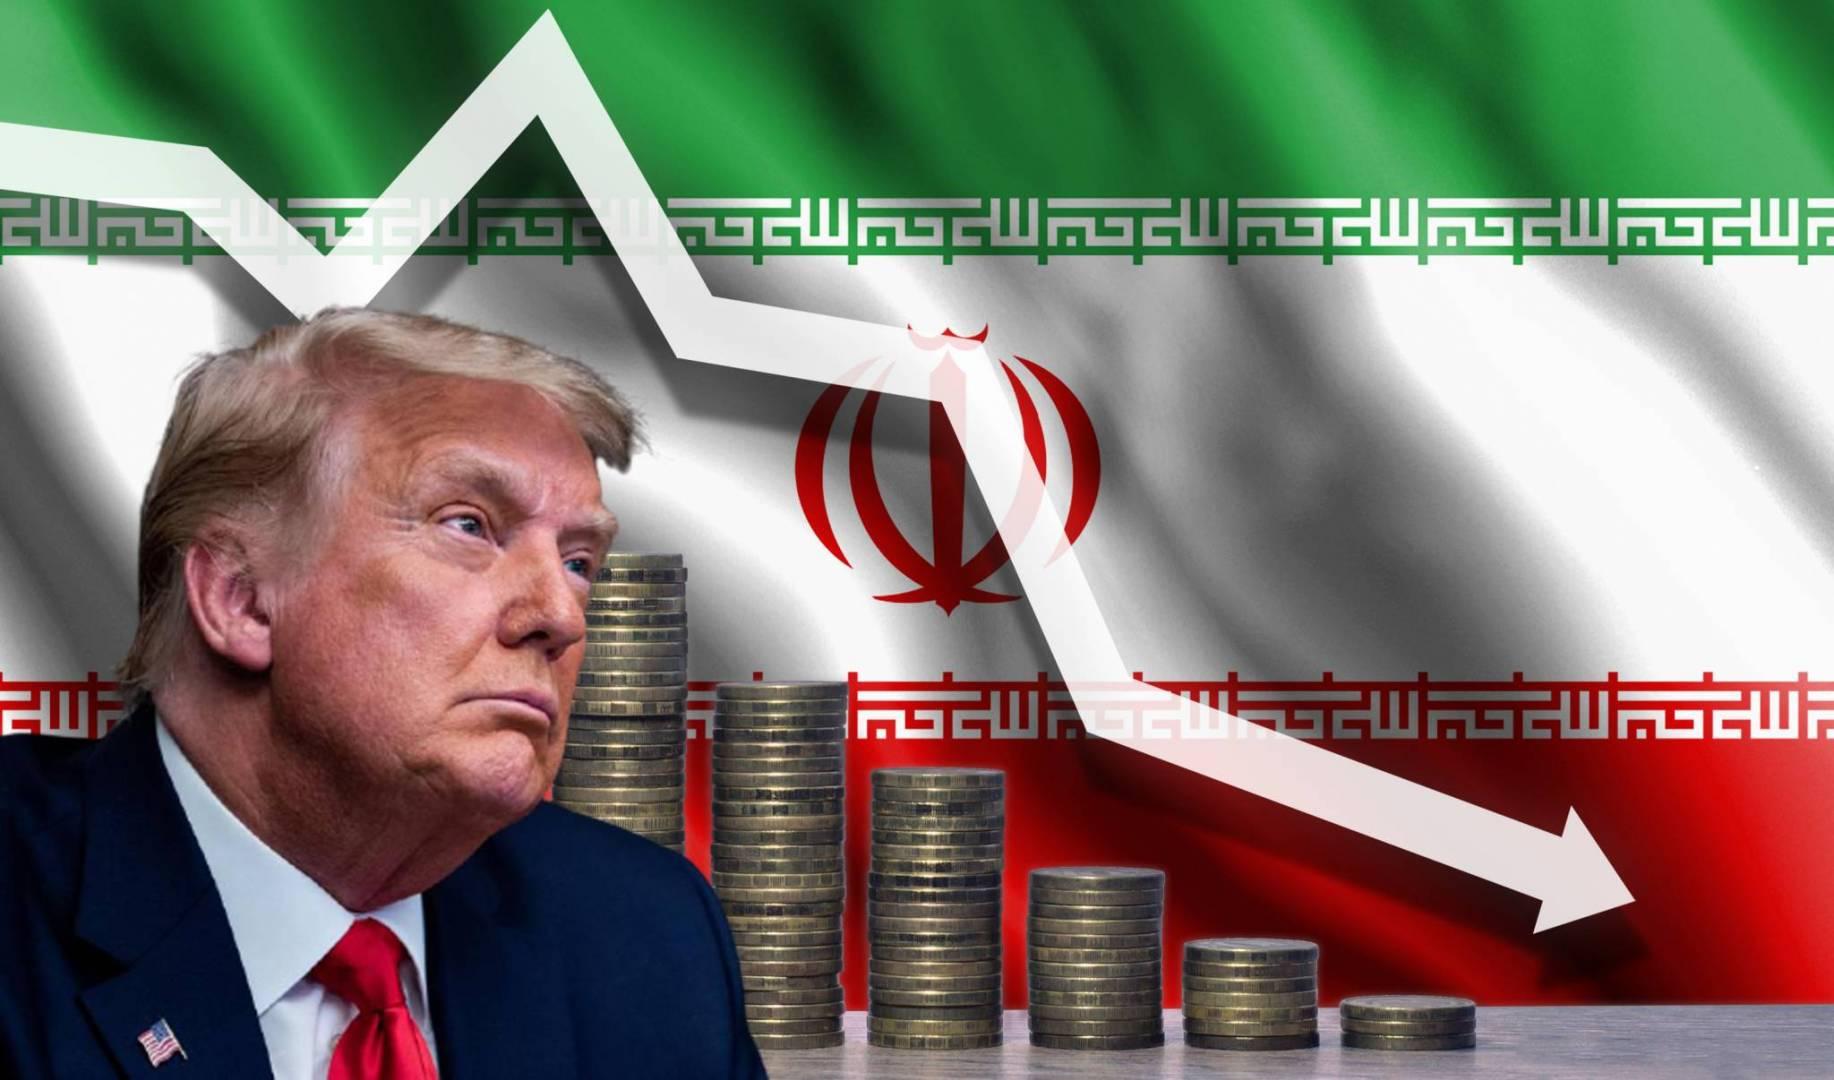 خسائر إيران ترتفع إلى 270 مليار دولار.. بسبب عقوبات ترامب